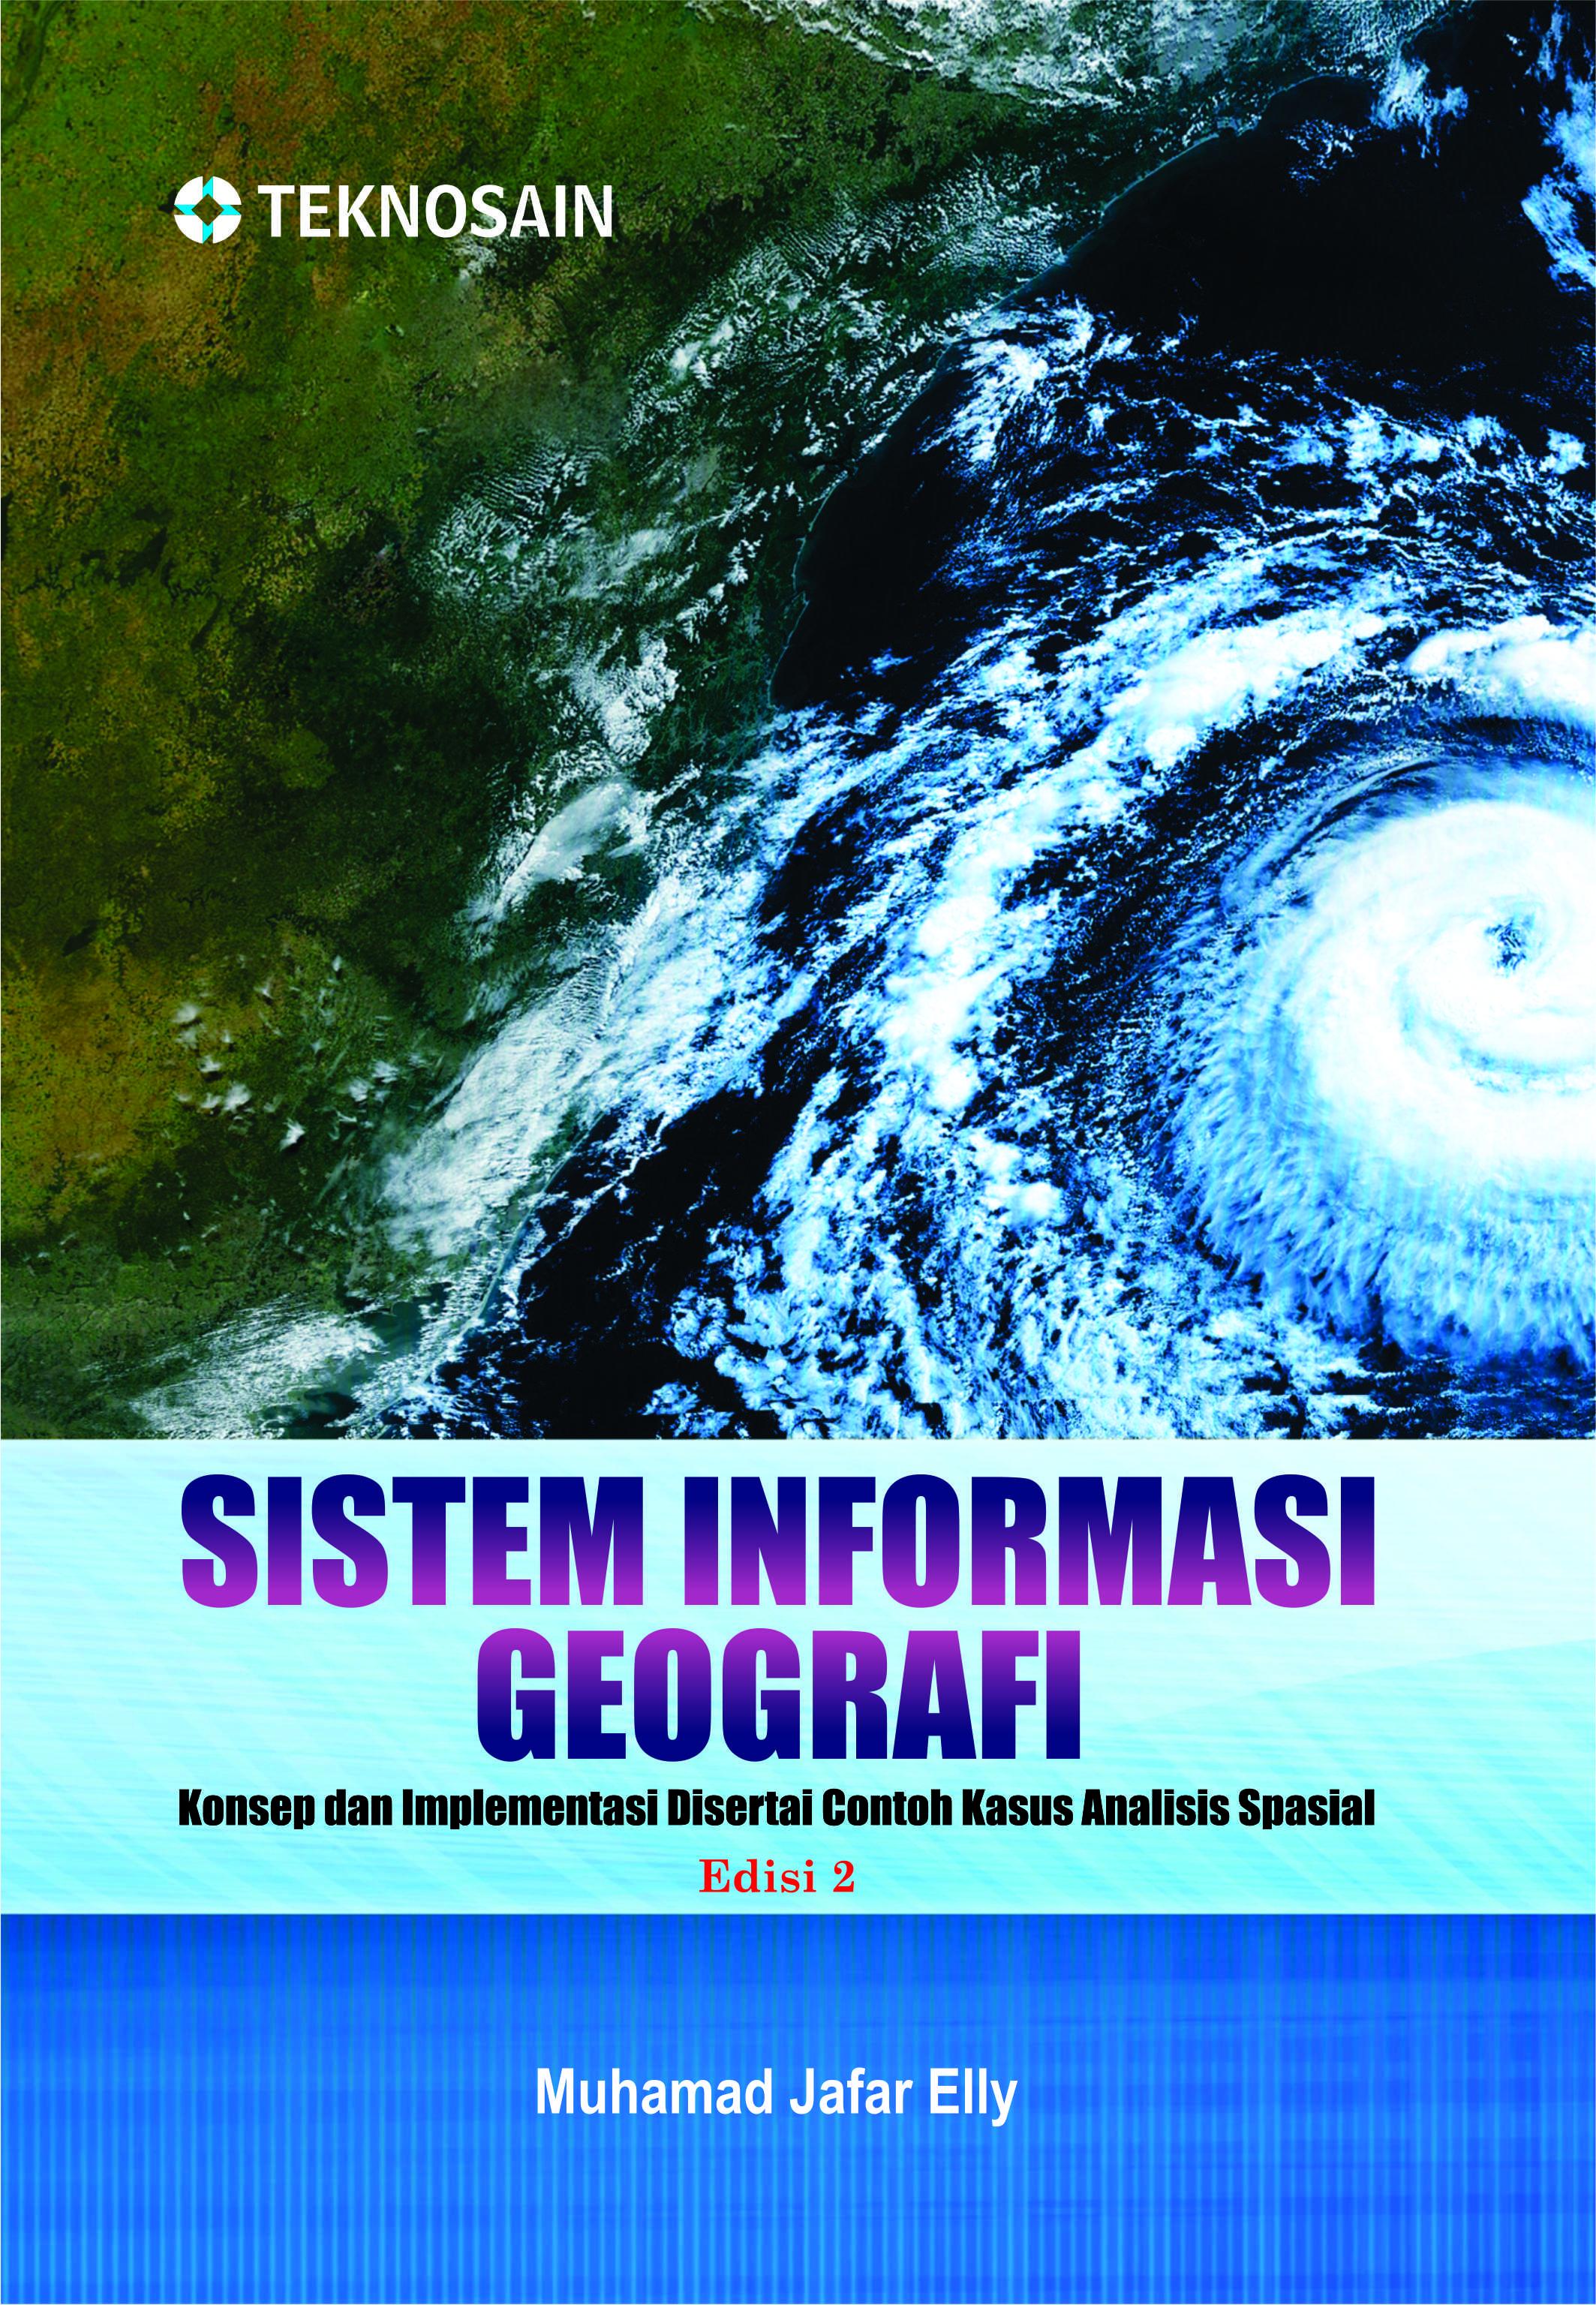 Sistem informasi geografi : konsep dan implementasi disertai contoh [sumber elektronis]